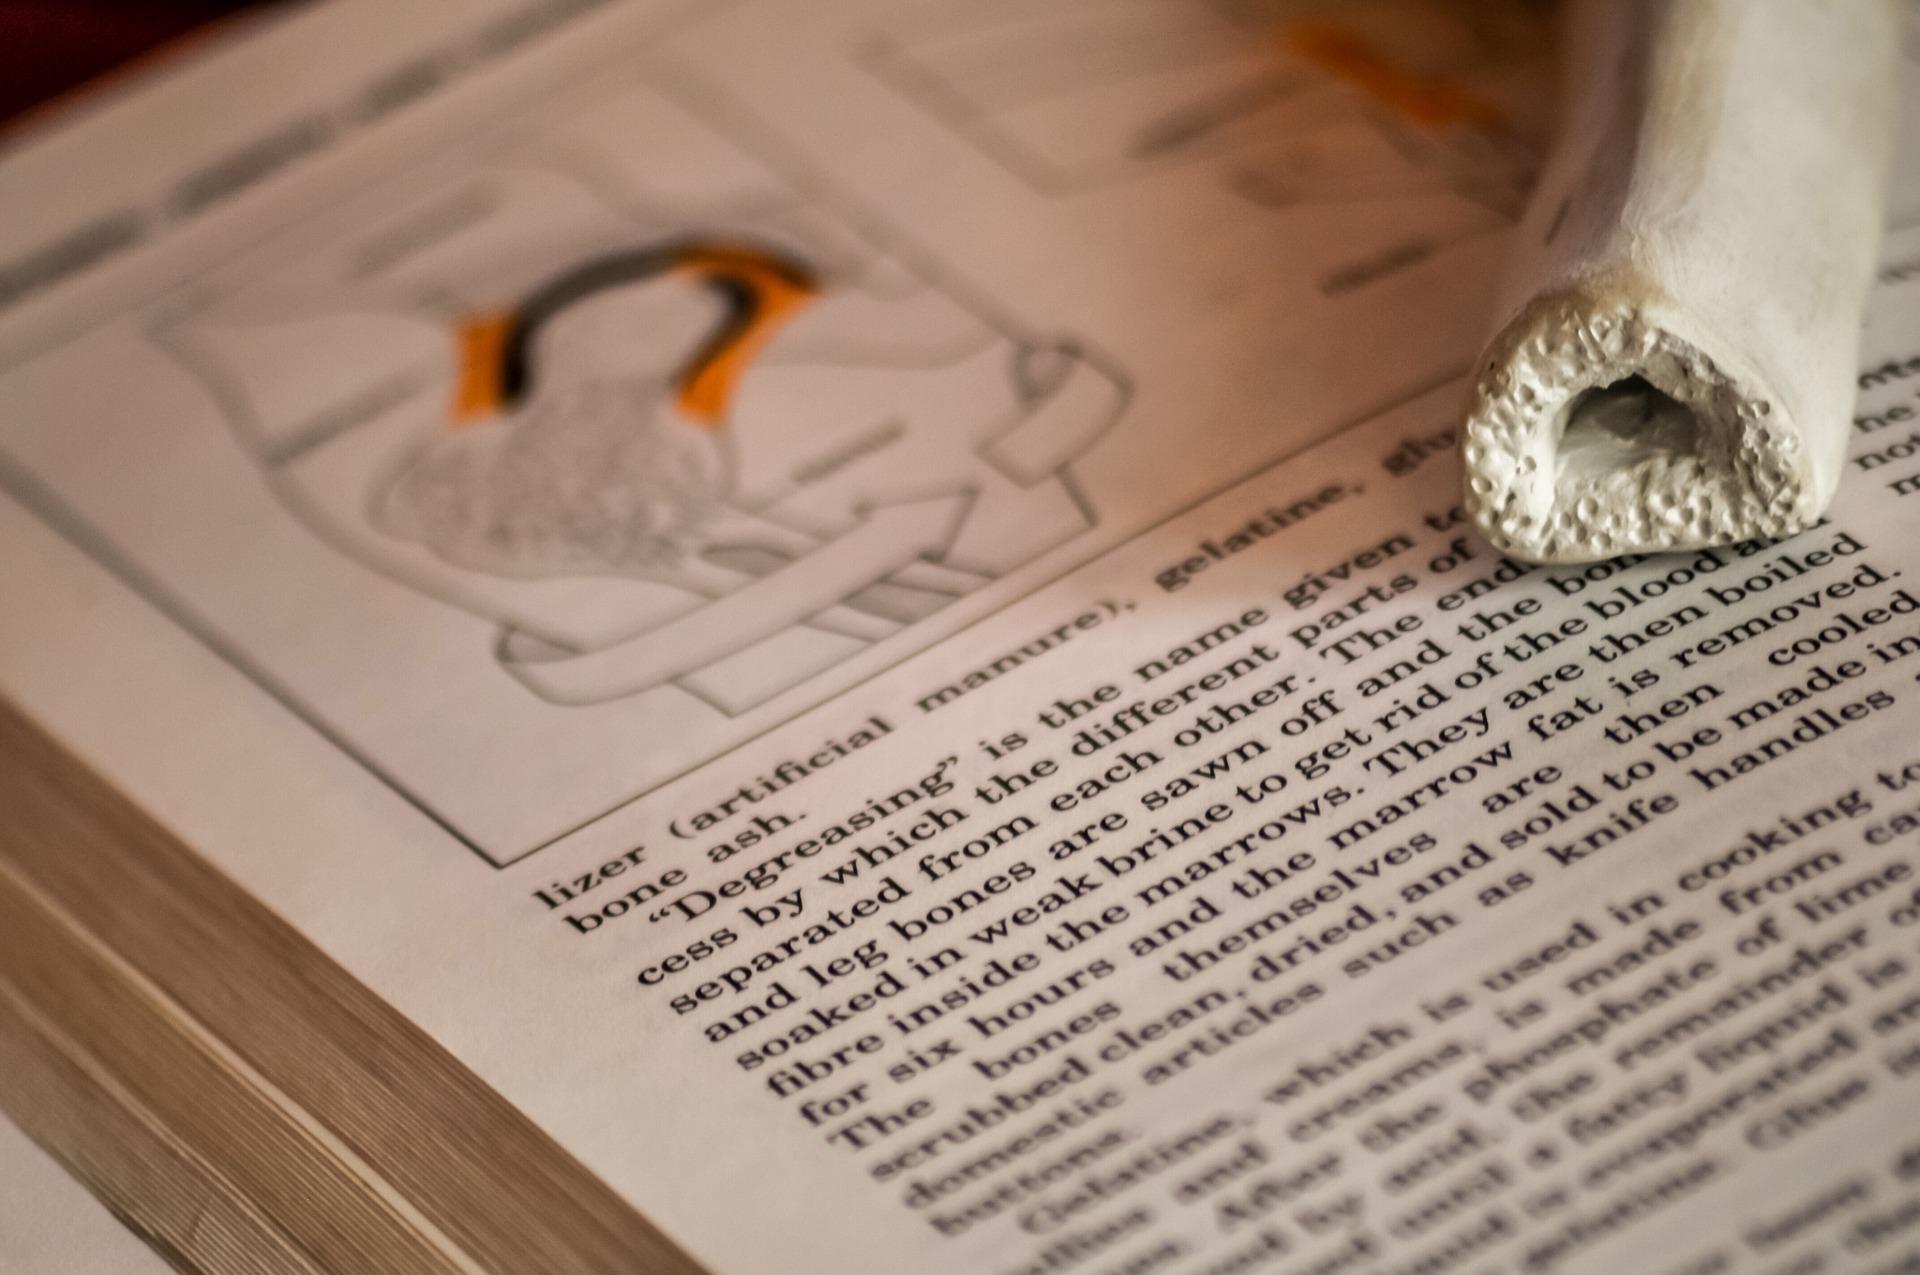 Presiona esta imagen de un libro enfocado en su texto para ver el video